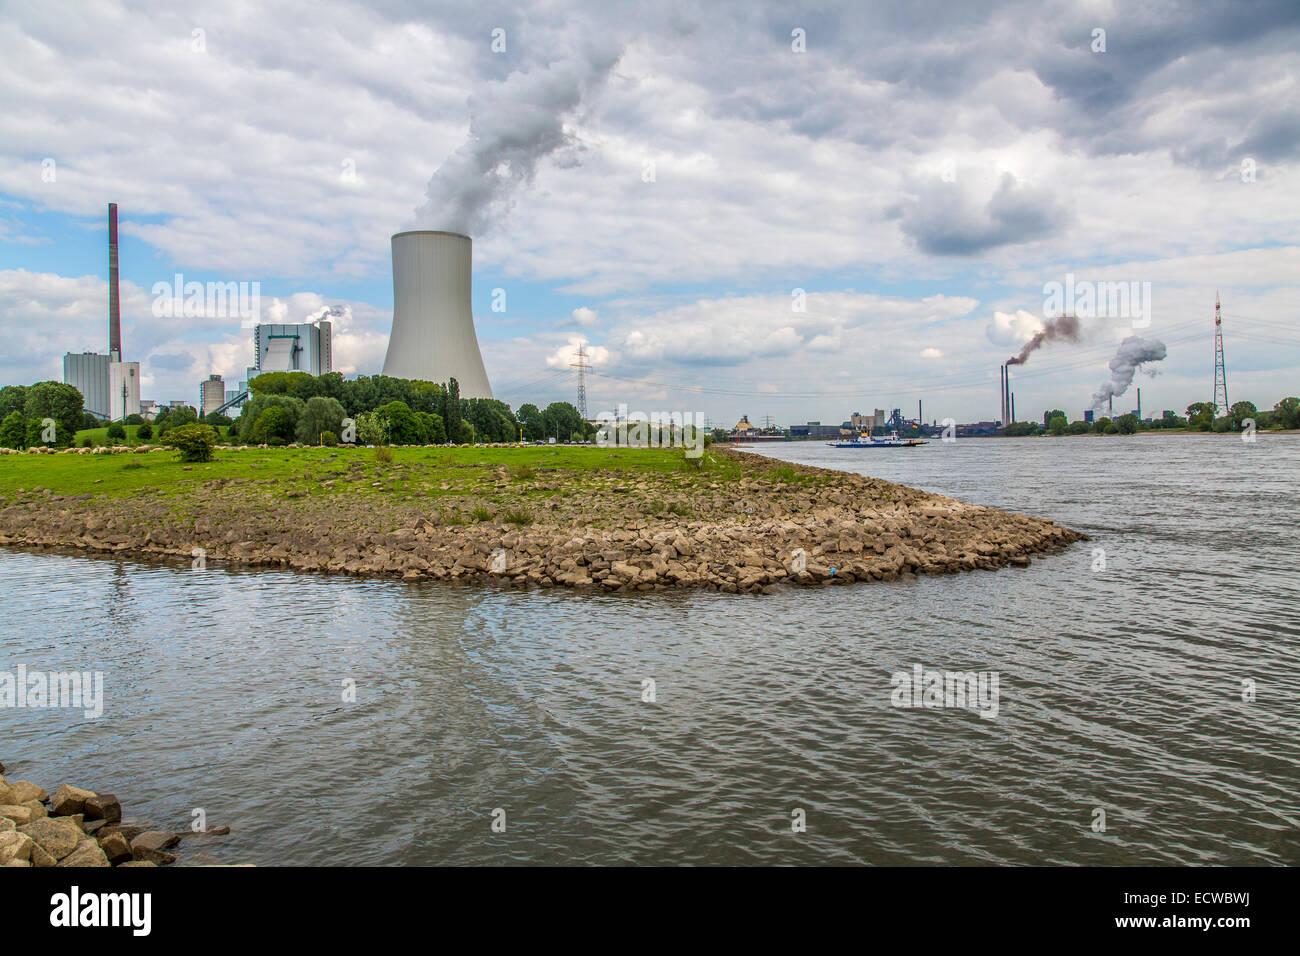 STEAG Steinkohlekraftwerk Walsum, am Rhein bei Duisburg, KŸhlturm von Block 10, alle 3 Kraftwerksblšcke zusammen, Stock Photo